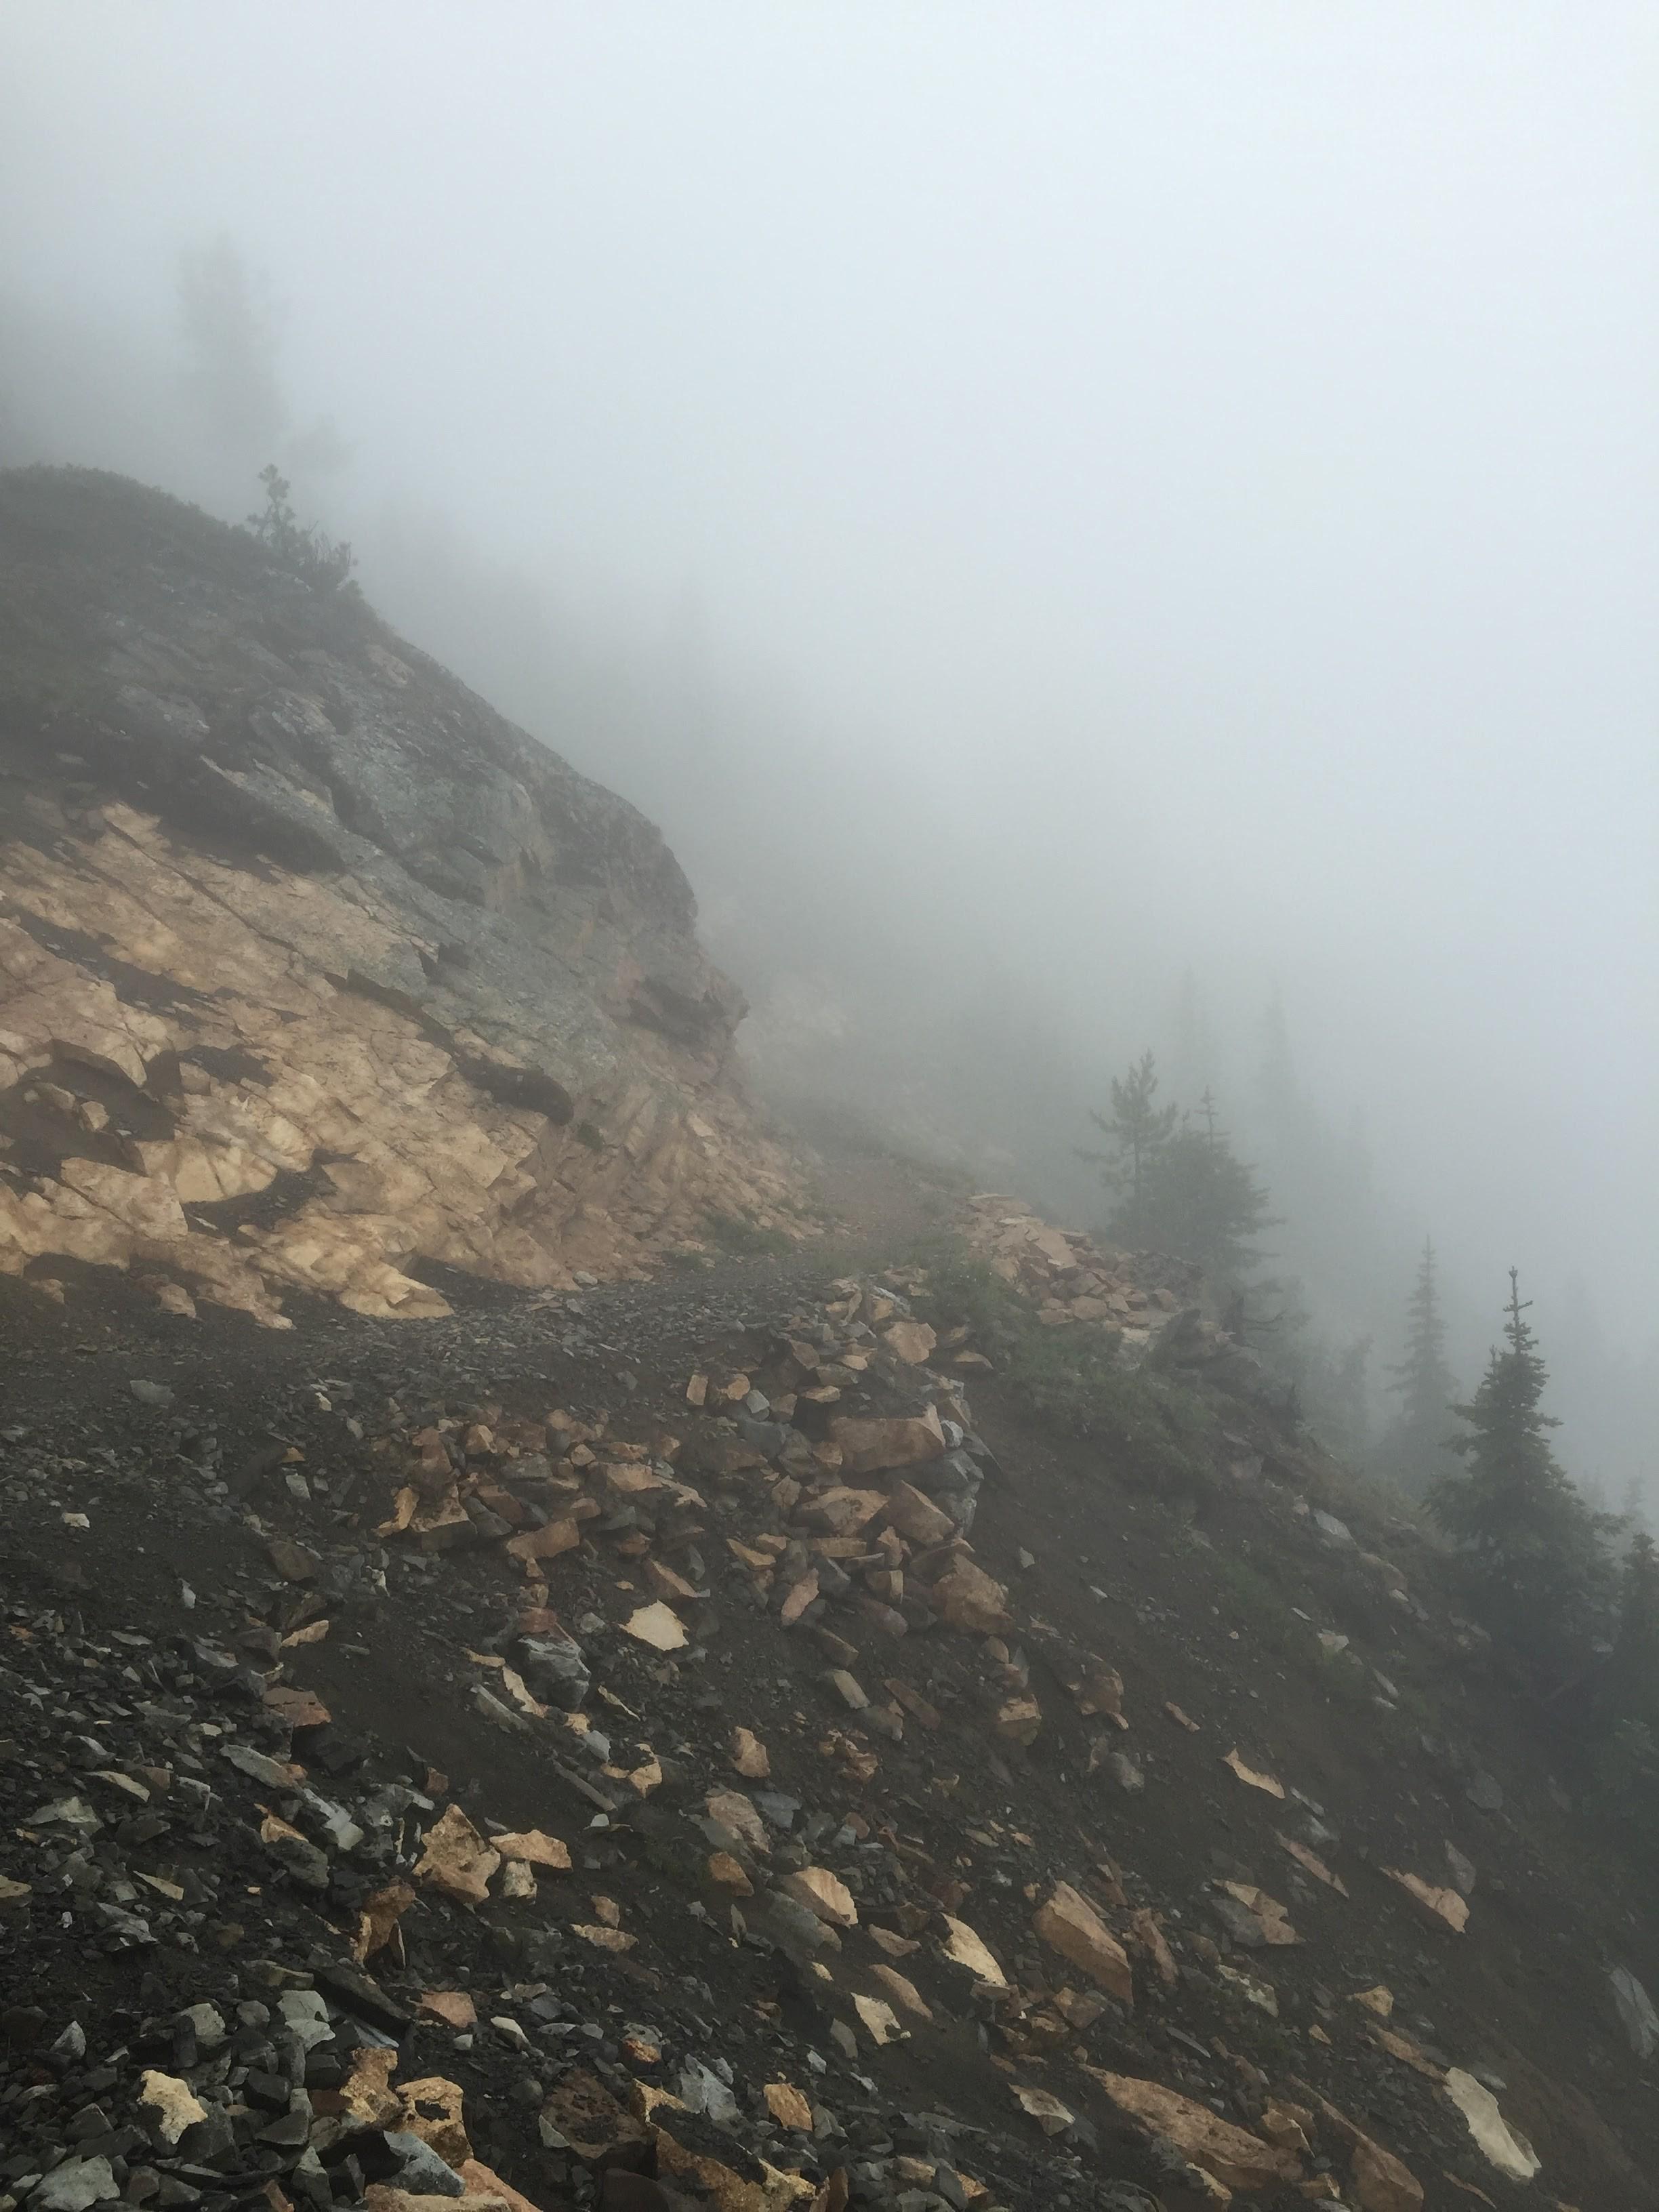 Thick mist on Tatie Peak